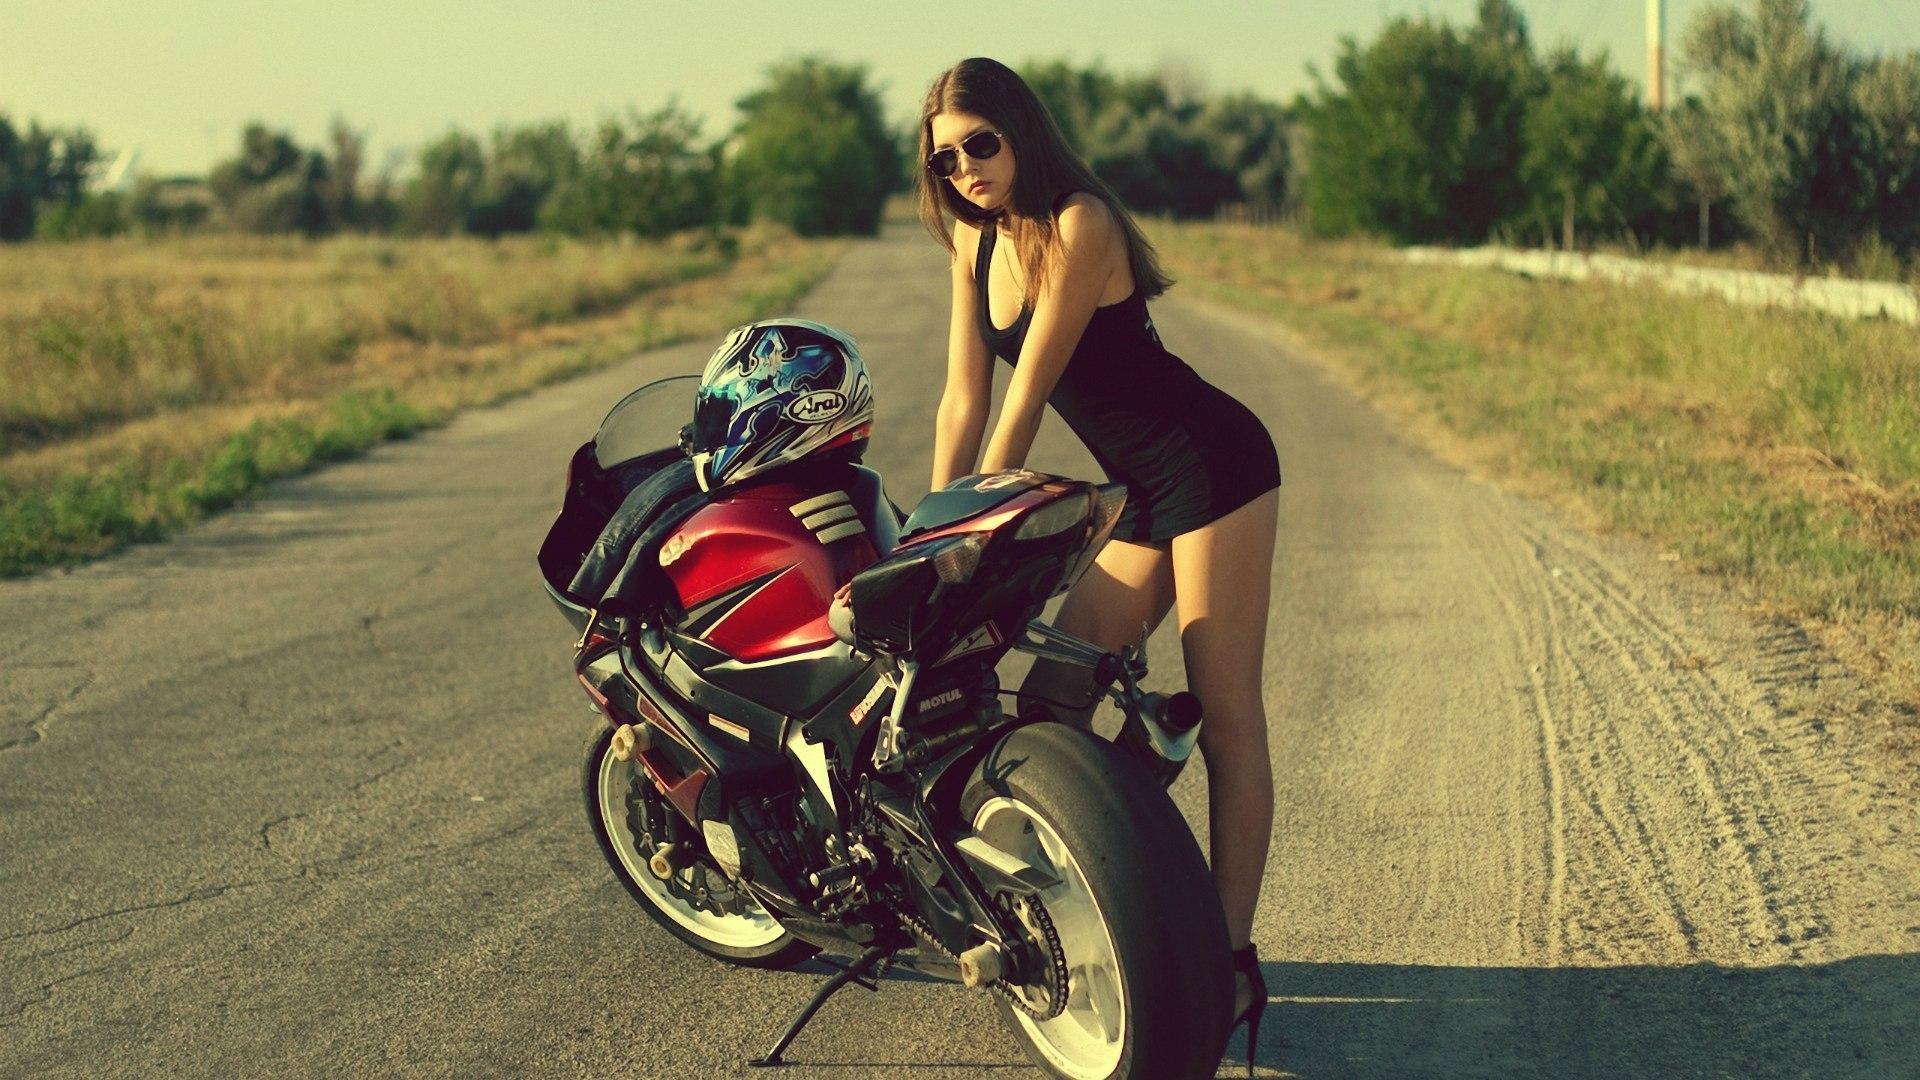 мотоцикл и девушка фото